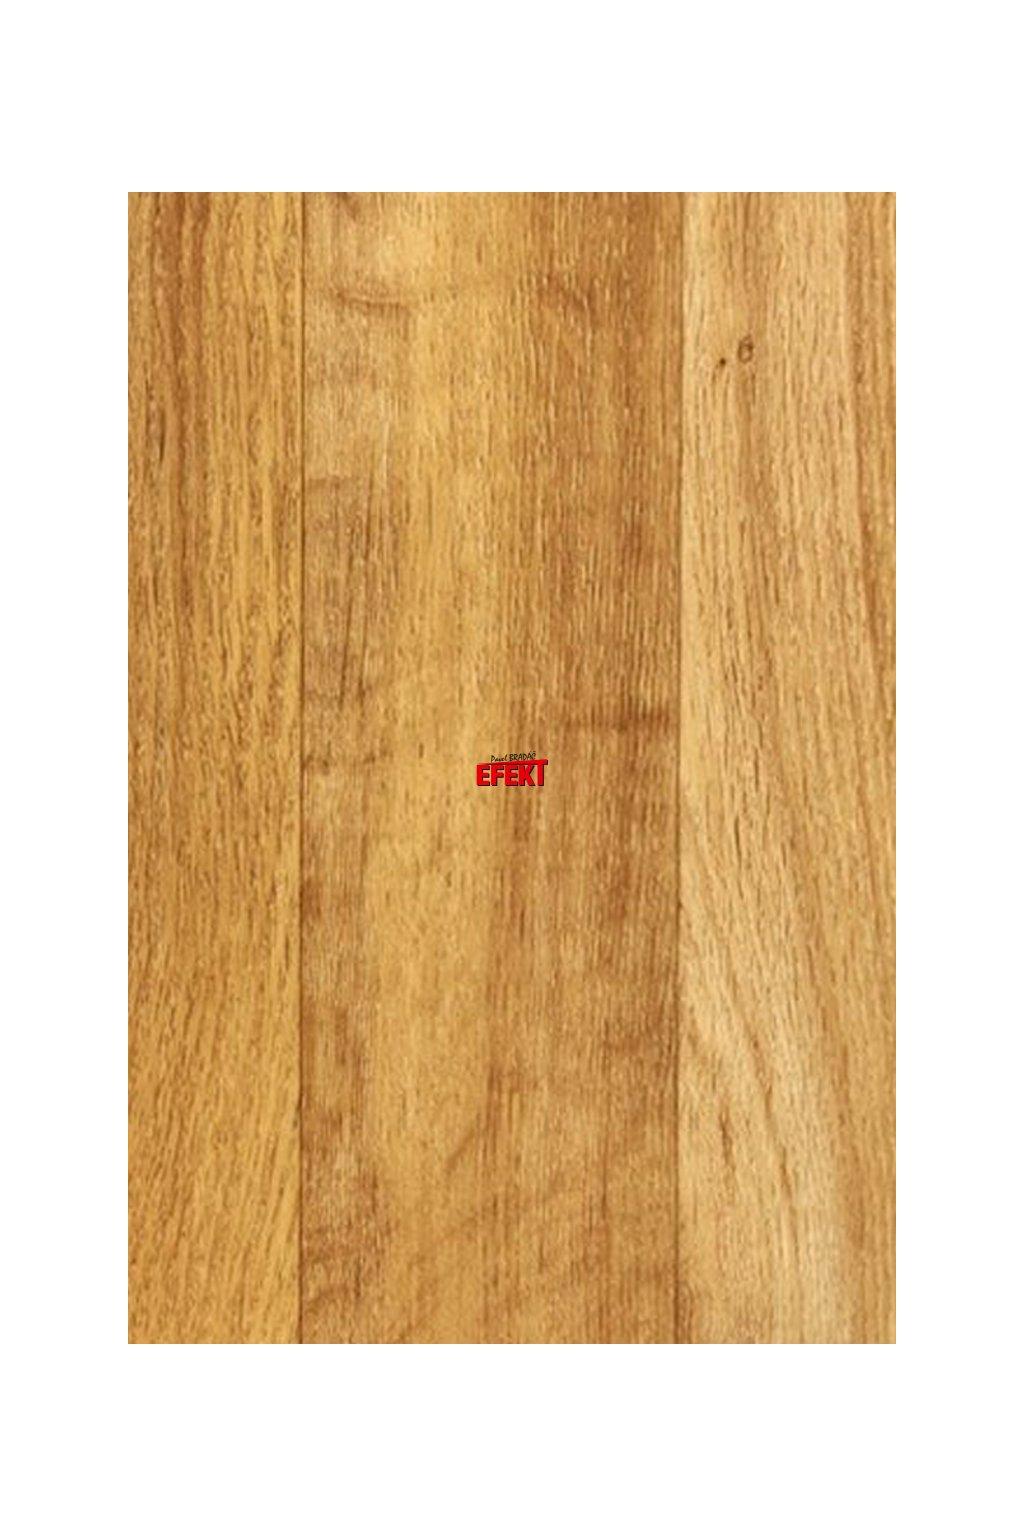 Ambient-Golden Oak 16M